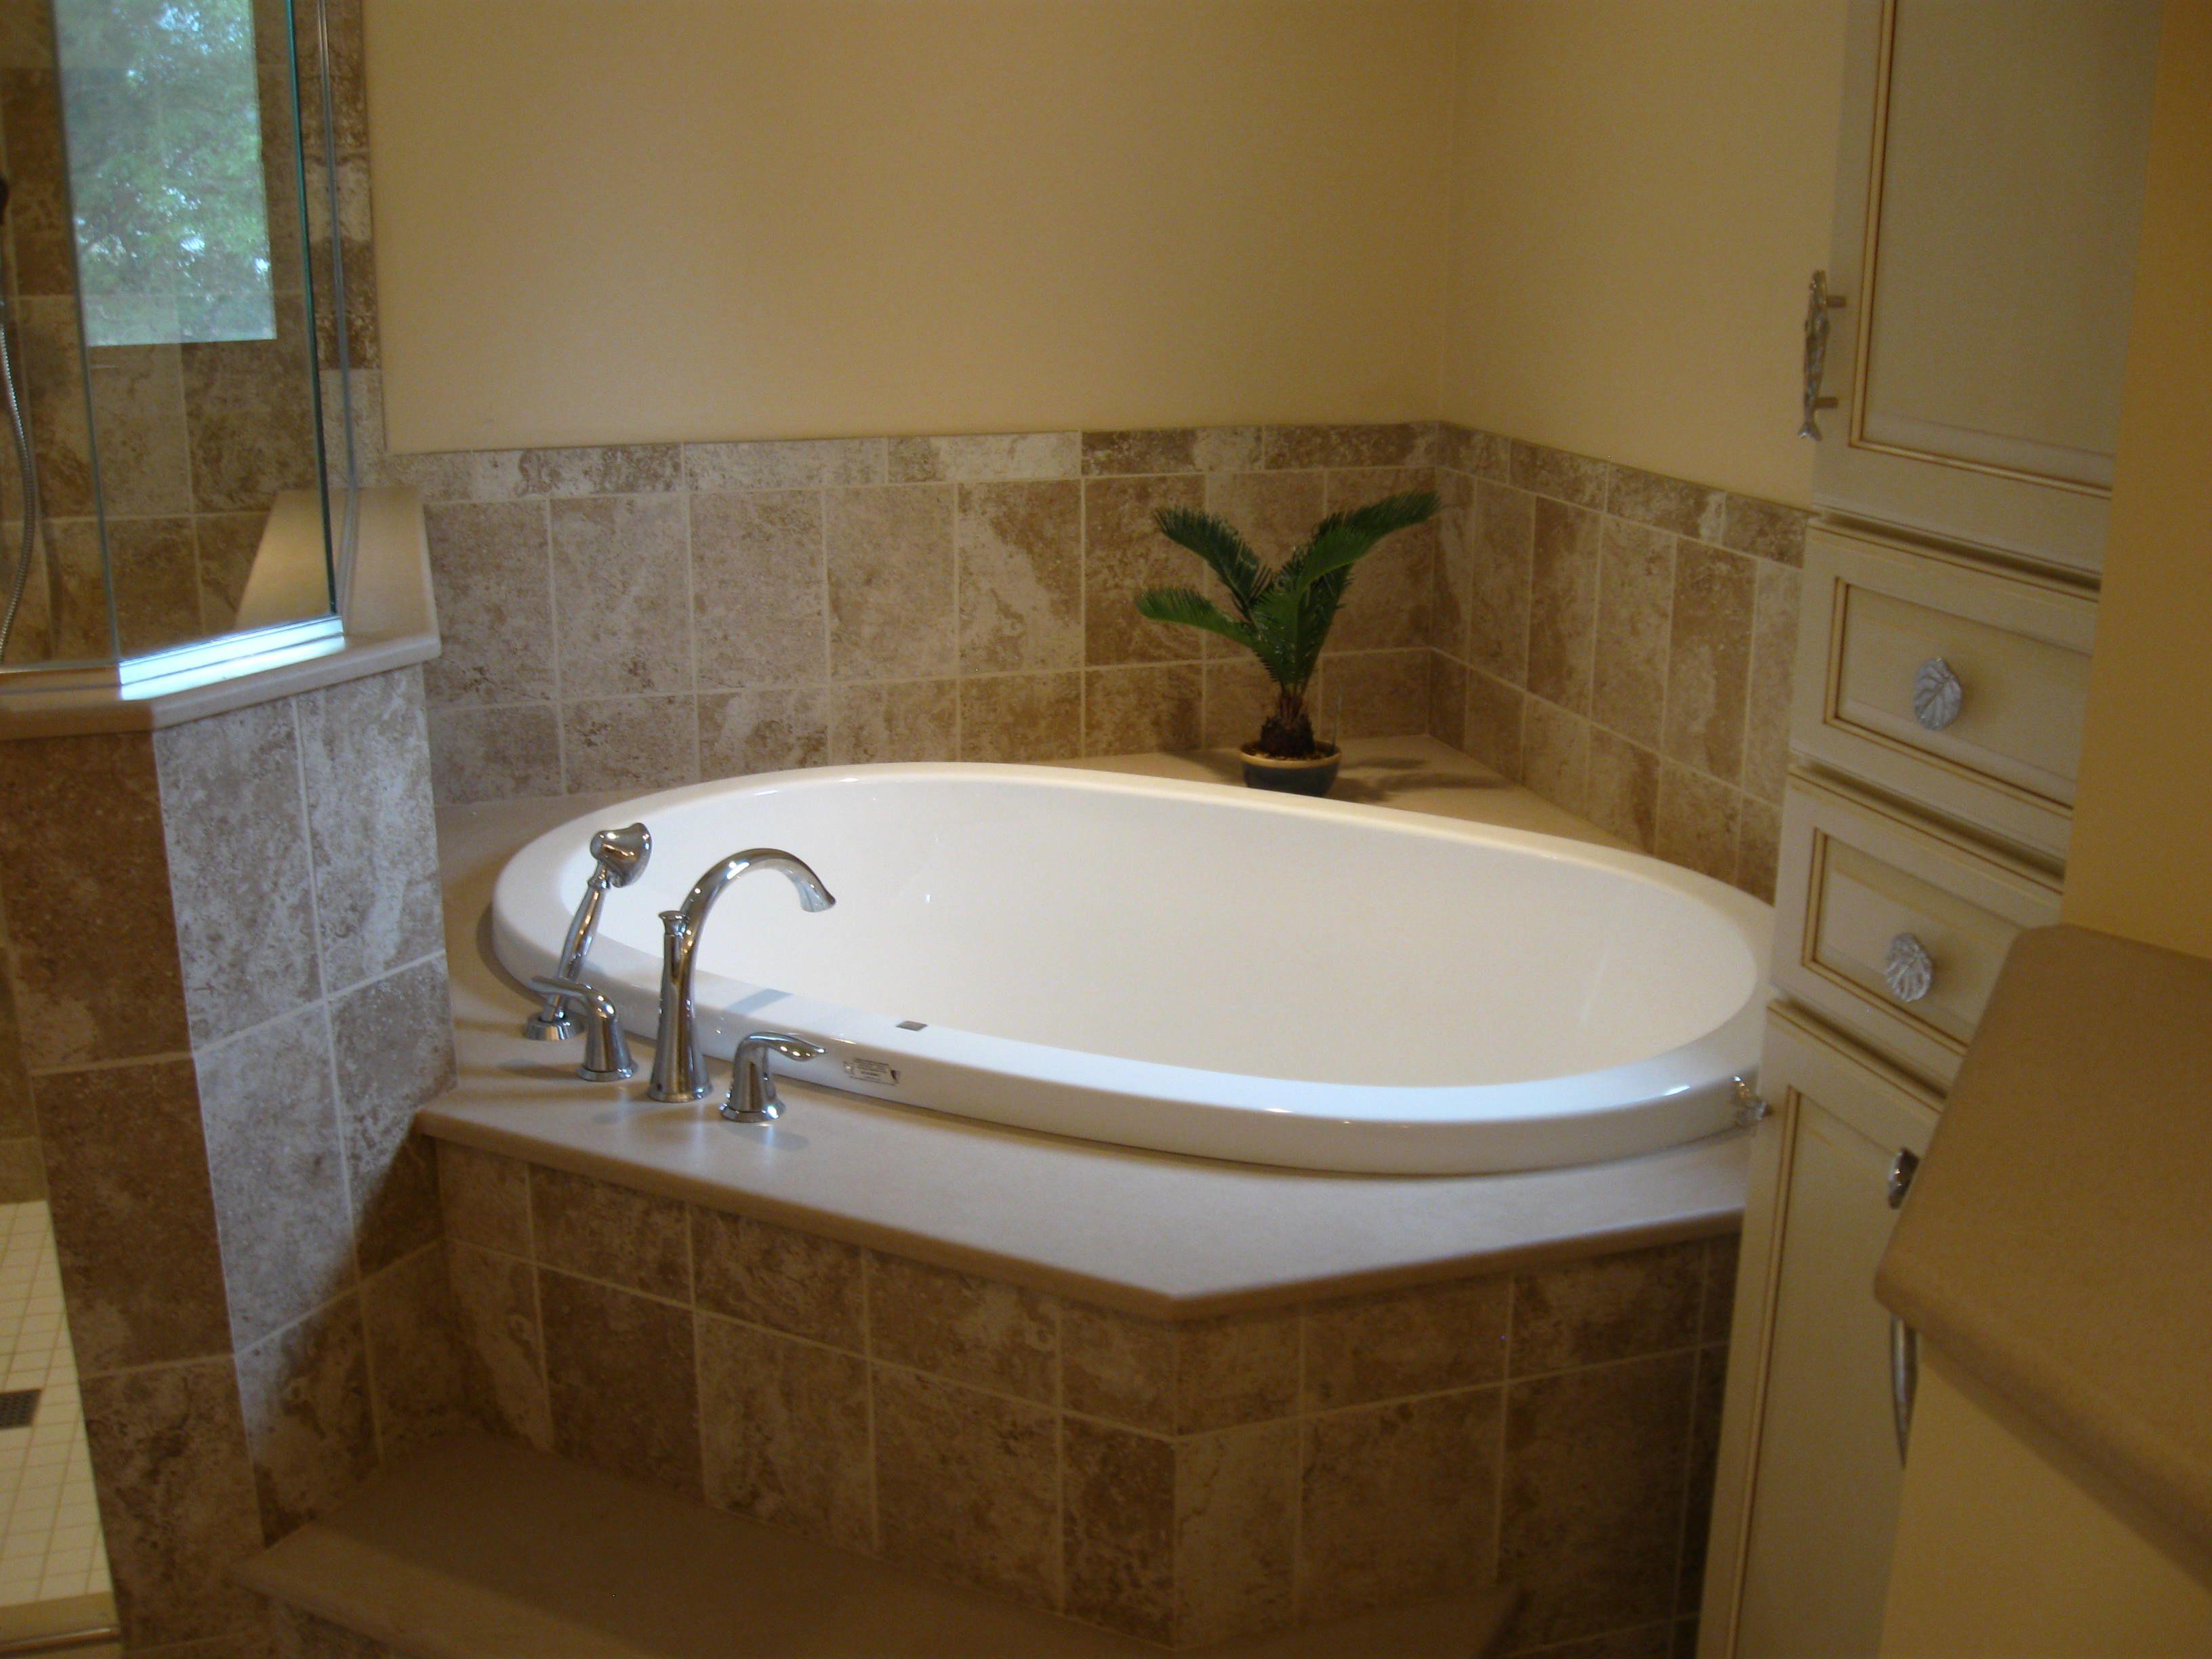 Kohler soaker tub, Kohler faucet solid surface step and deck, and ...